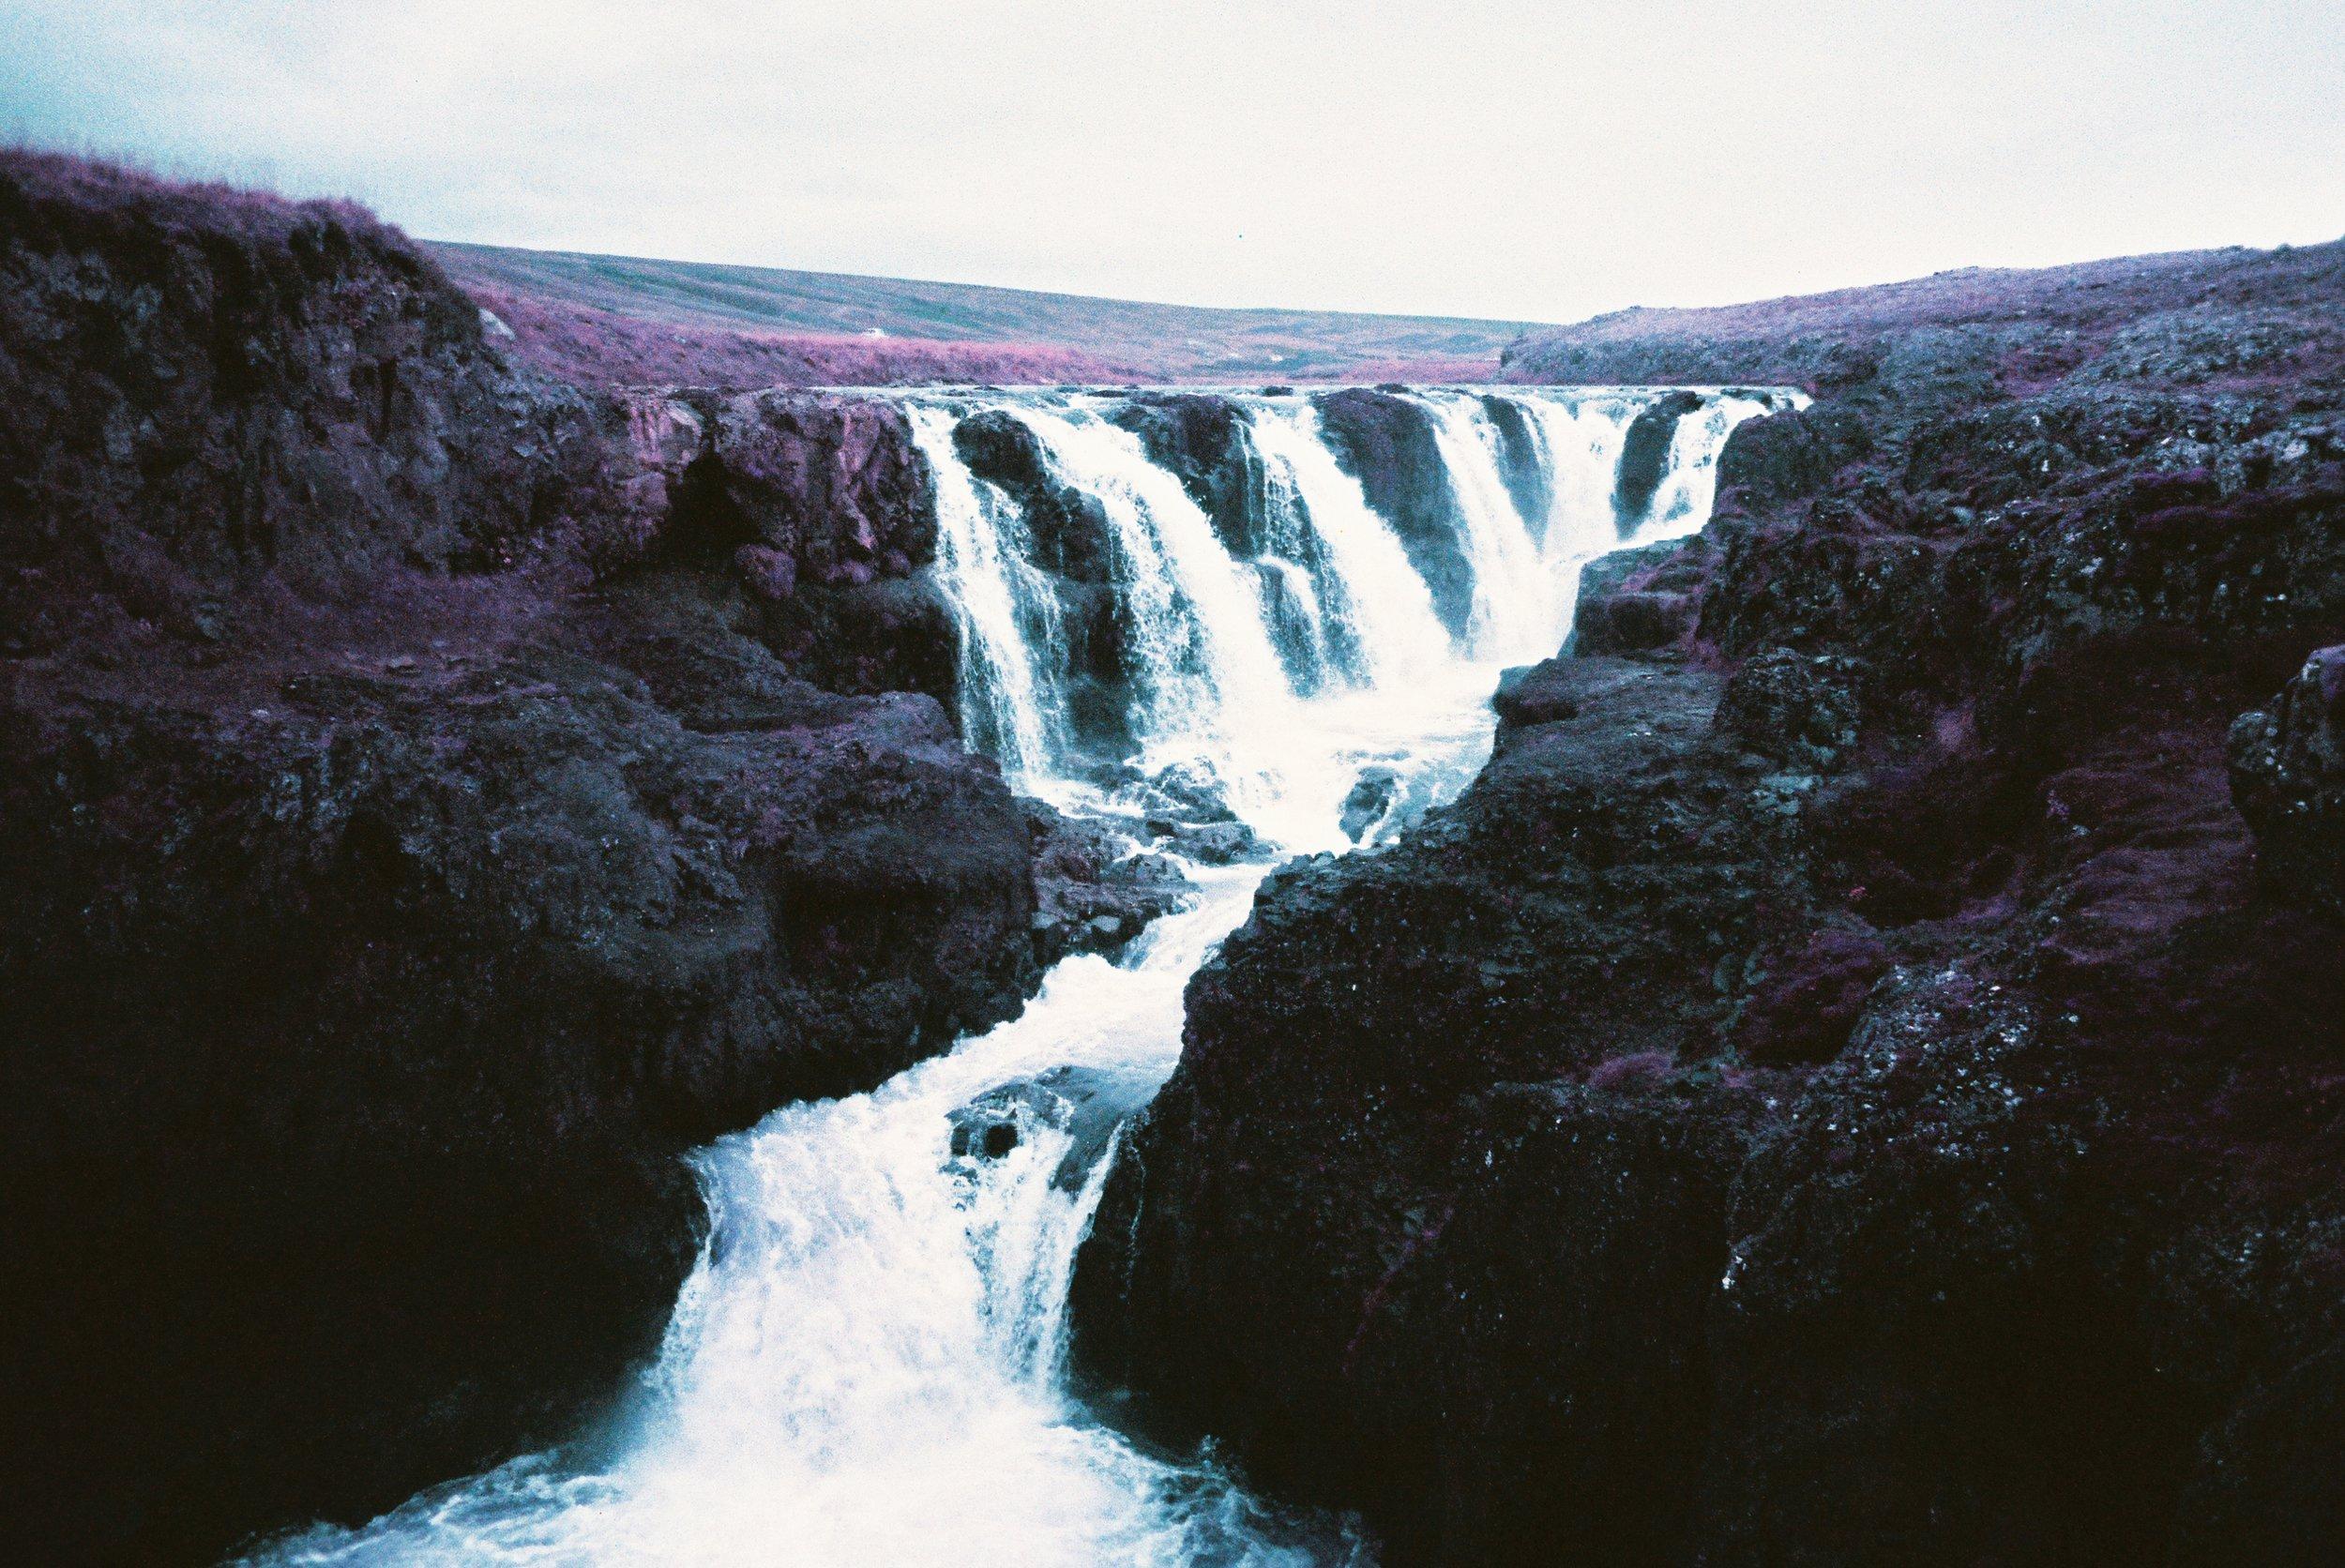 09 - Falling - Kolugljufur Falls.jpg